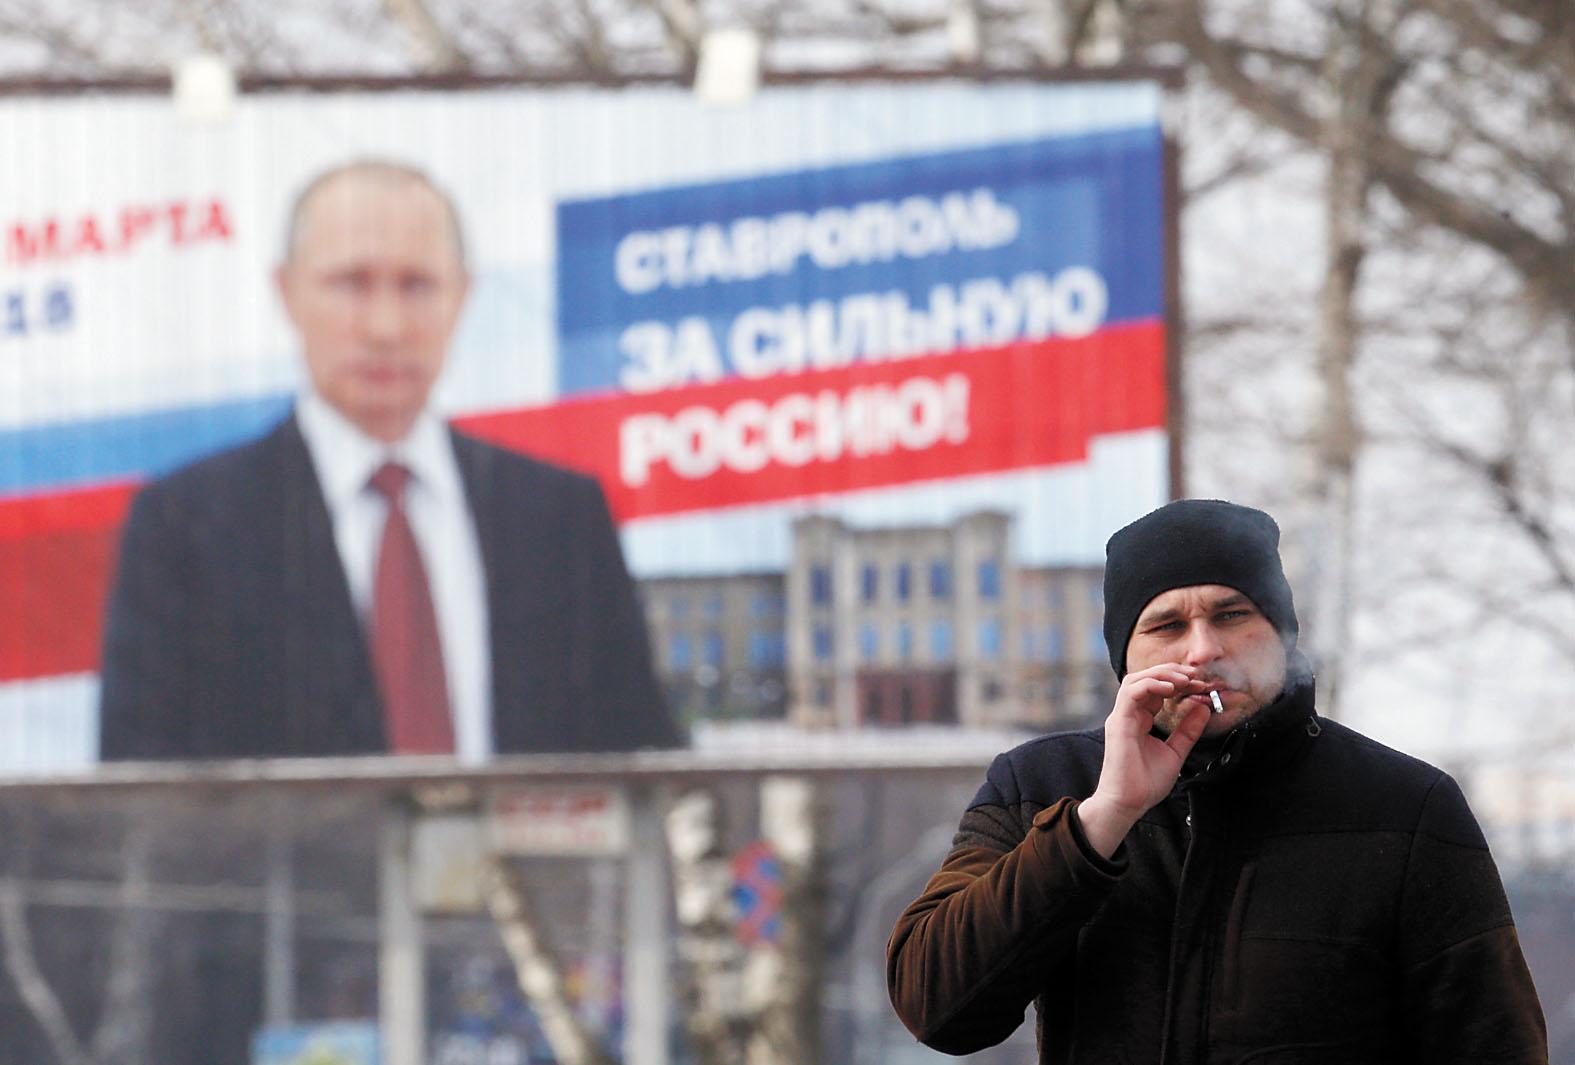 俄羅斯將於18日舉行總統大選。圖為民眾在競選展板前。路透社